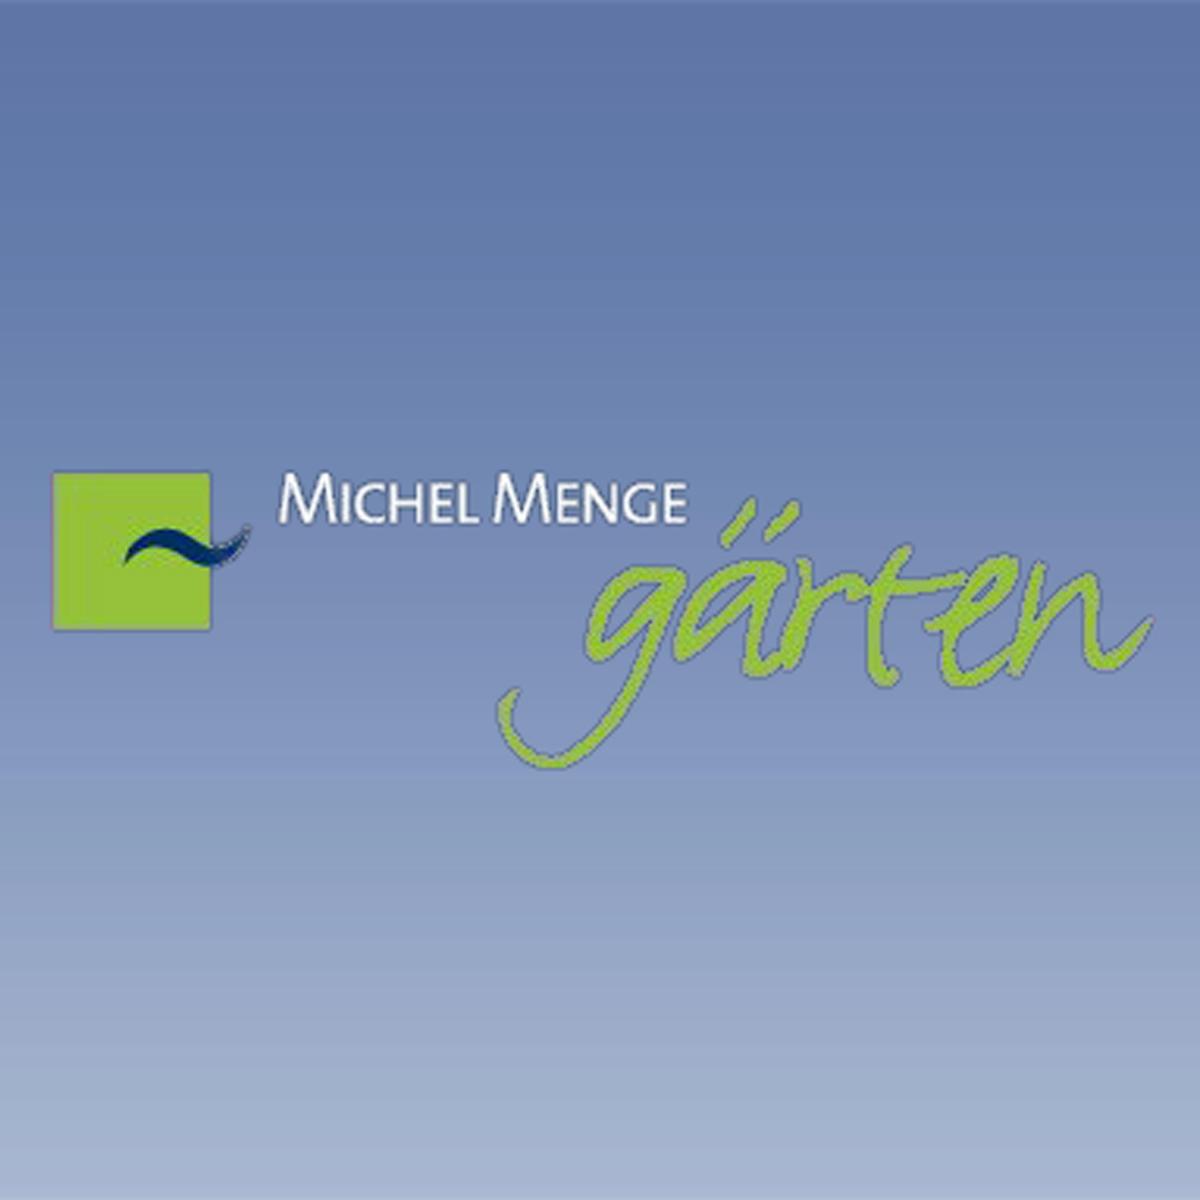 Michel Menge Gärten GmbH